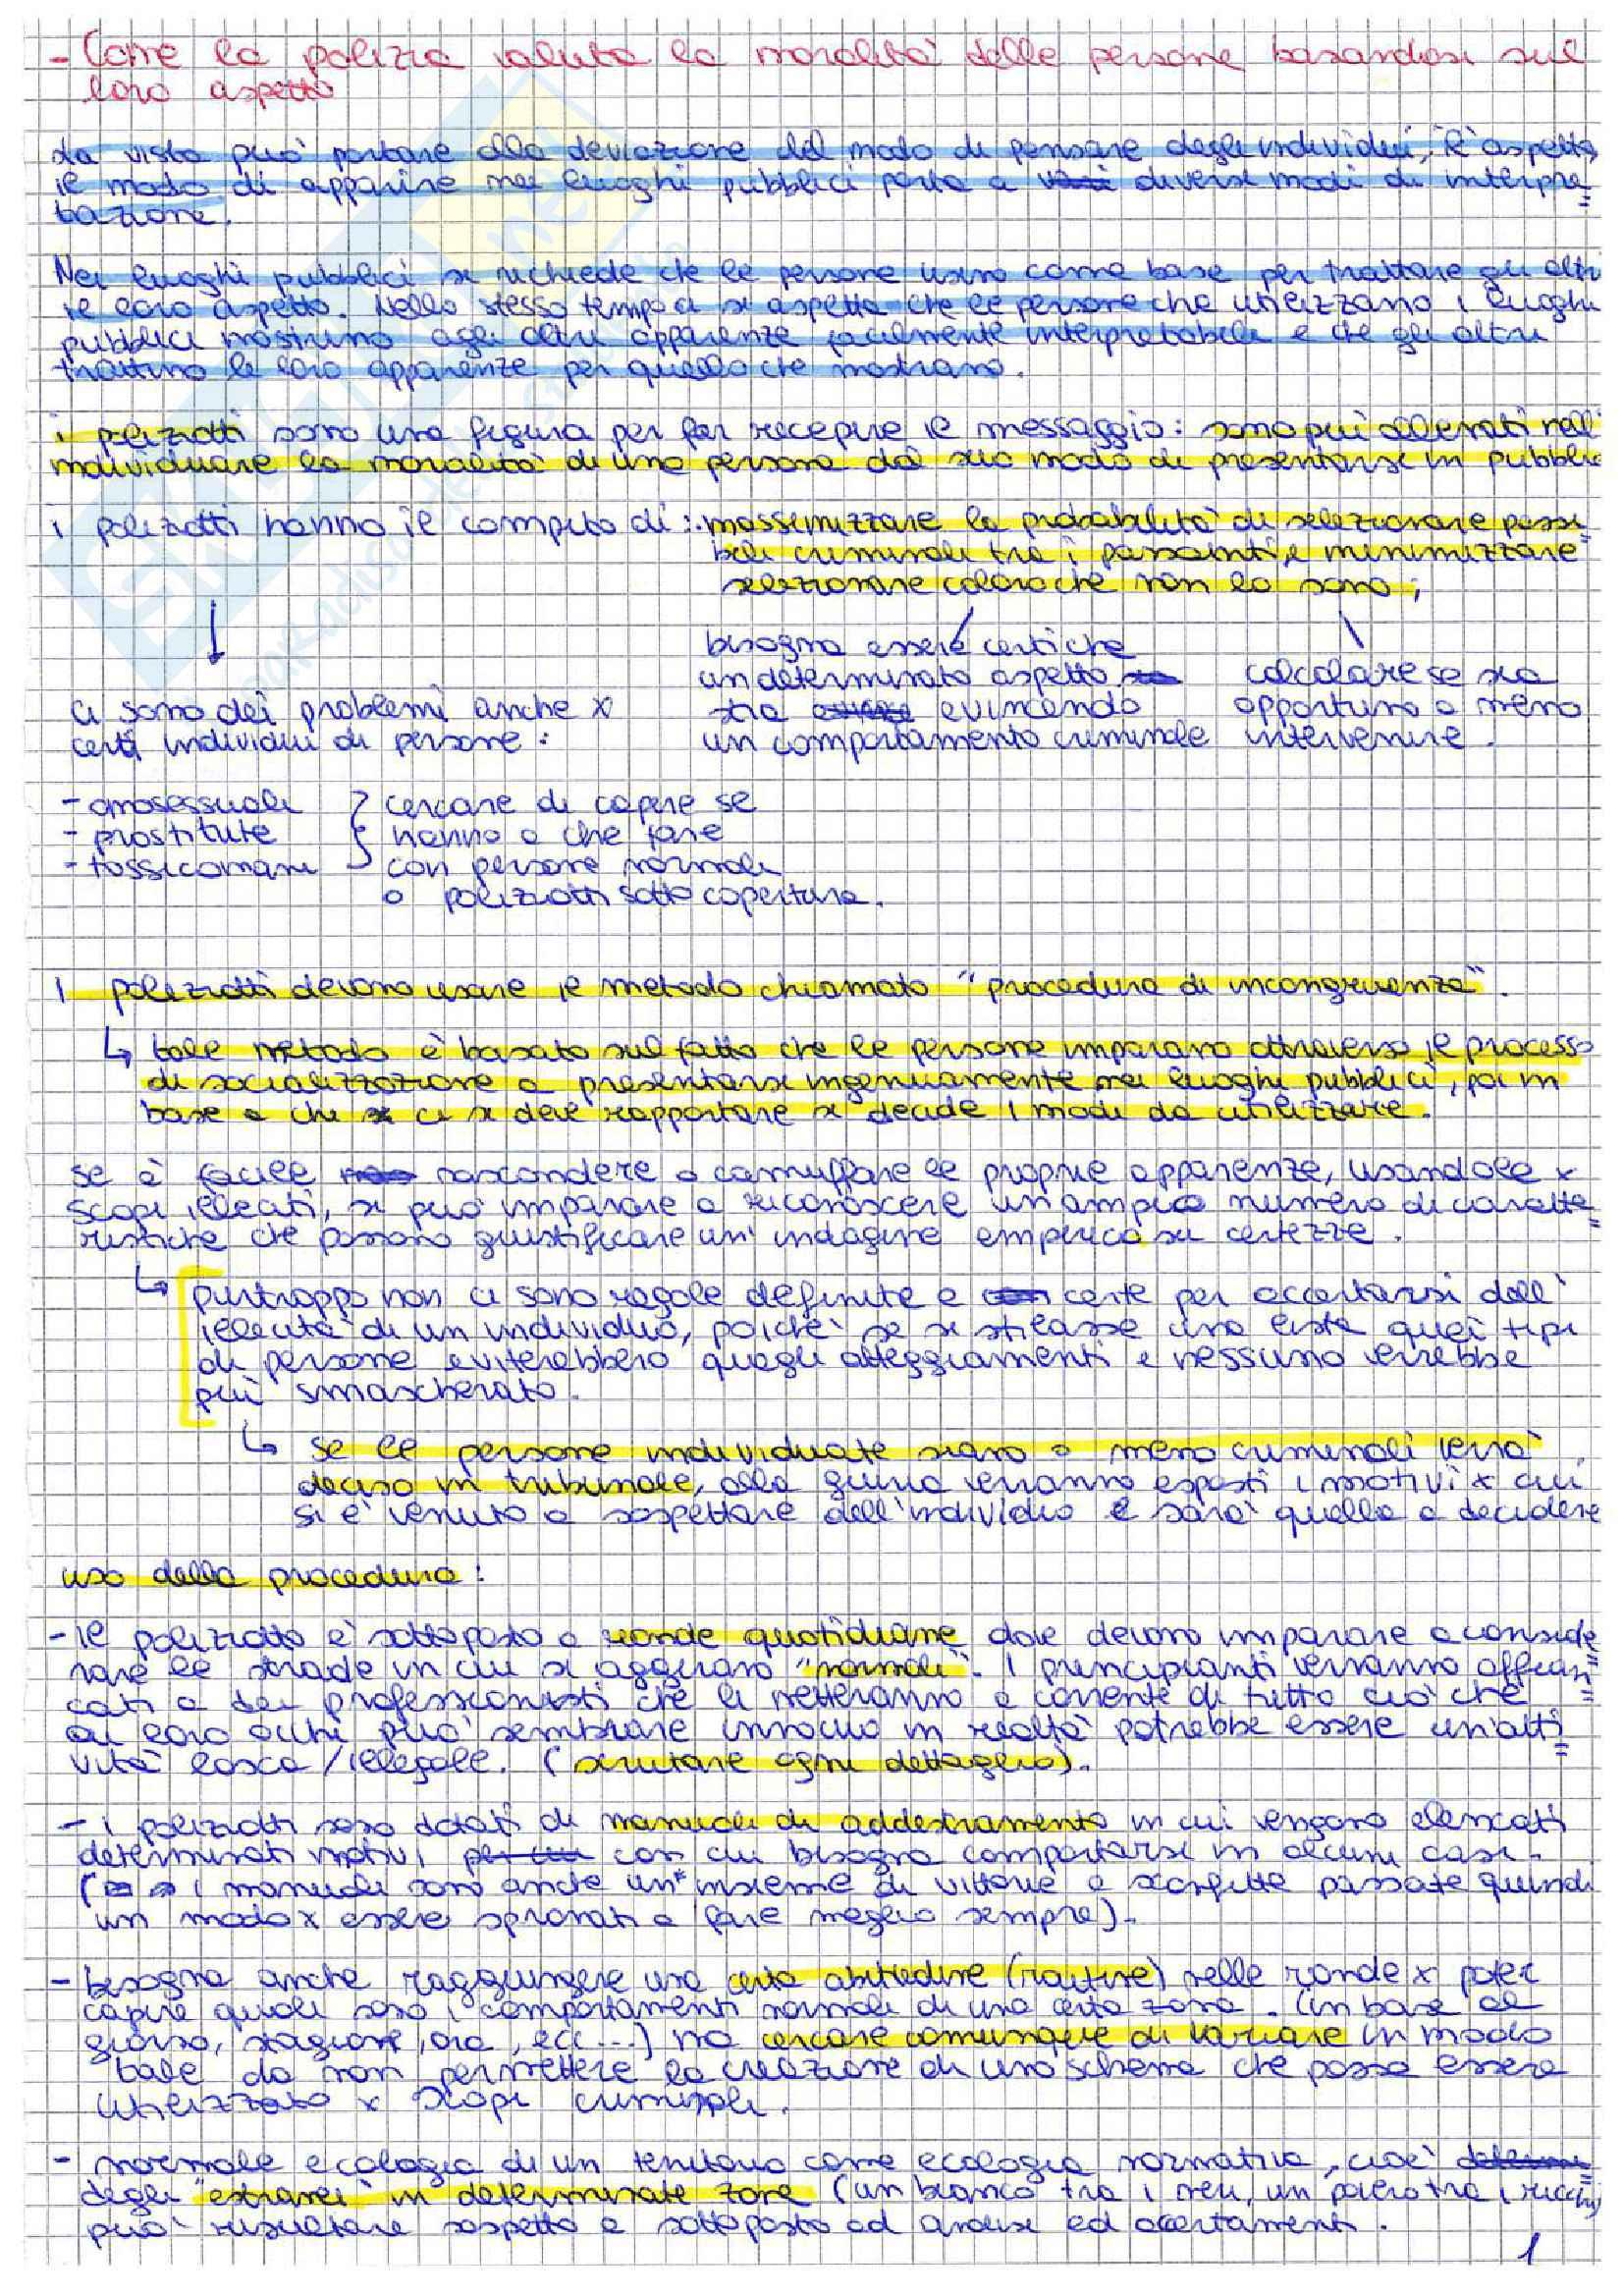 Riassunto esame Sociologia della comunicazione, prof. A. Tota, libro consigliato Sociologia della comunicazione, autore Paccagnella